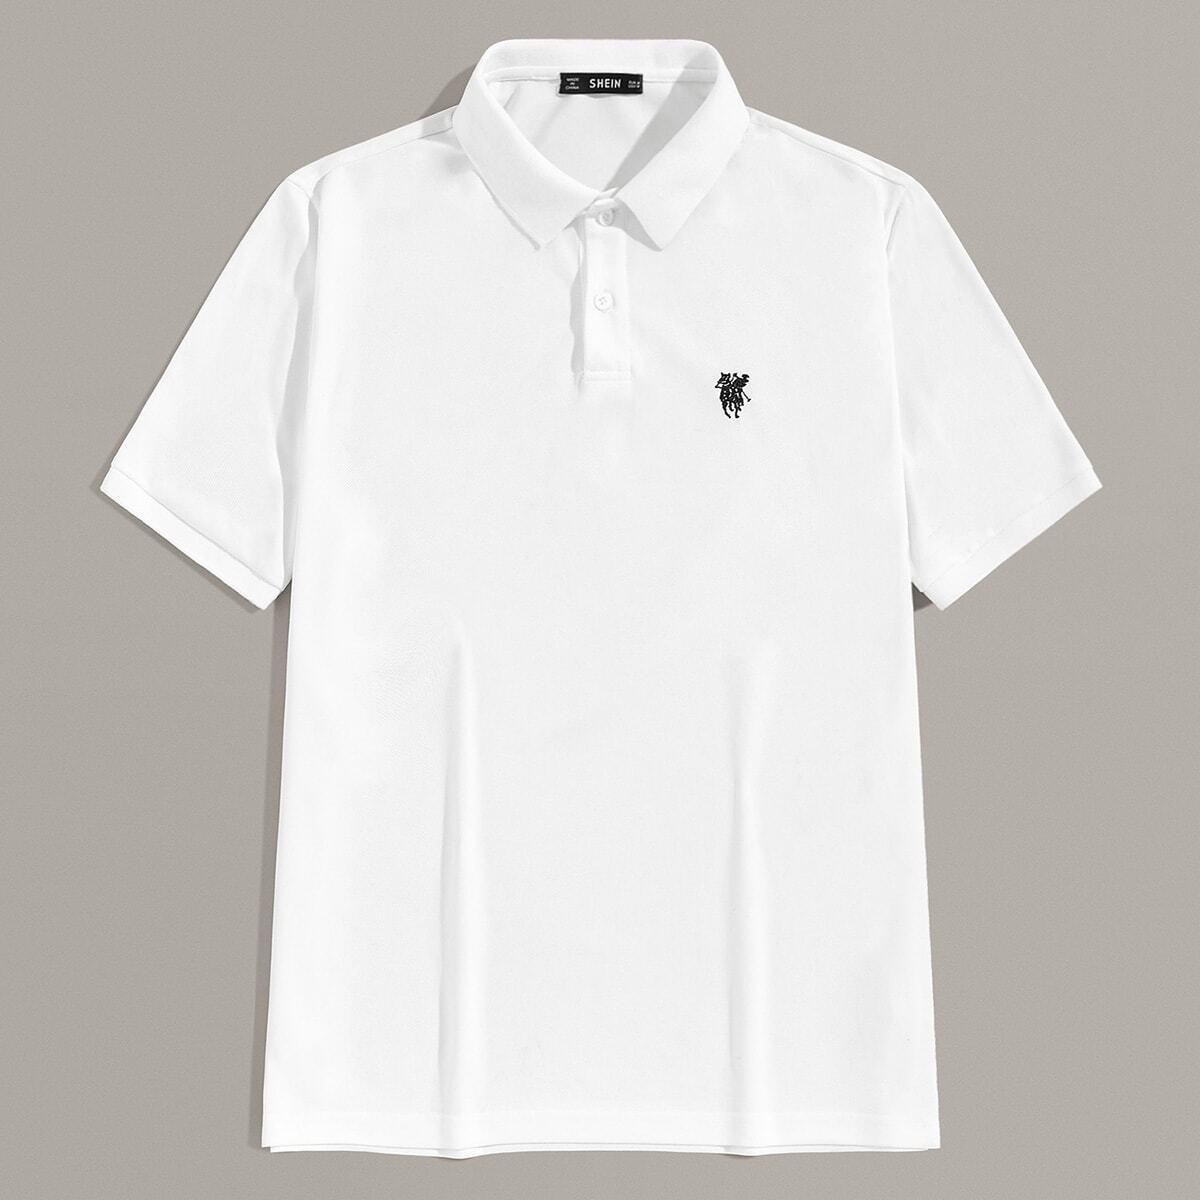 Wit Casual Poloshirts voor heren Borduurwerk